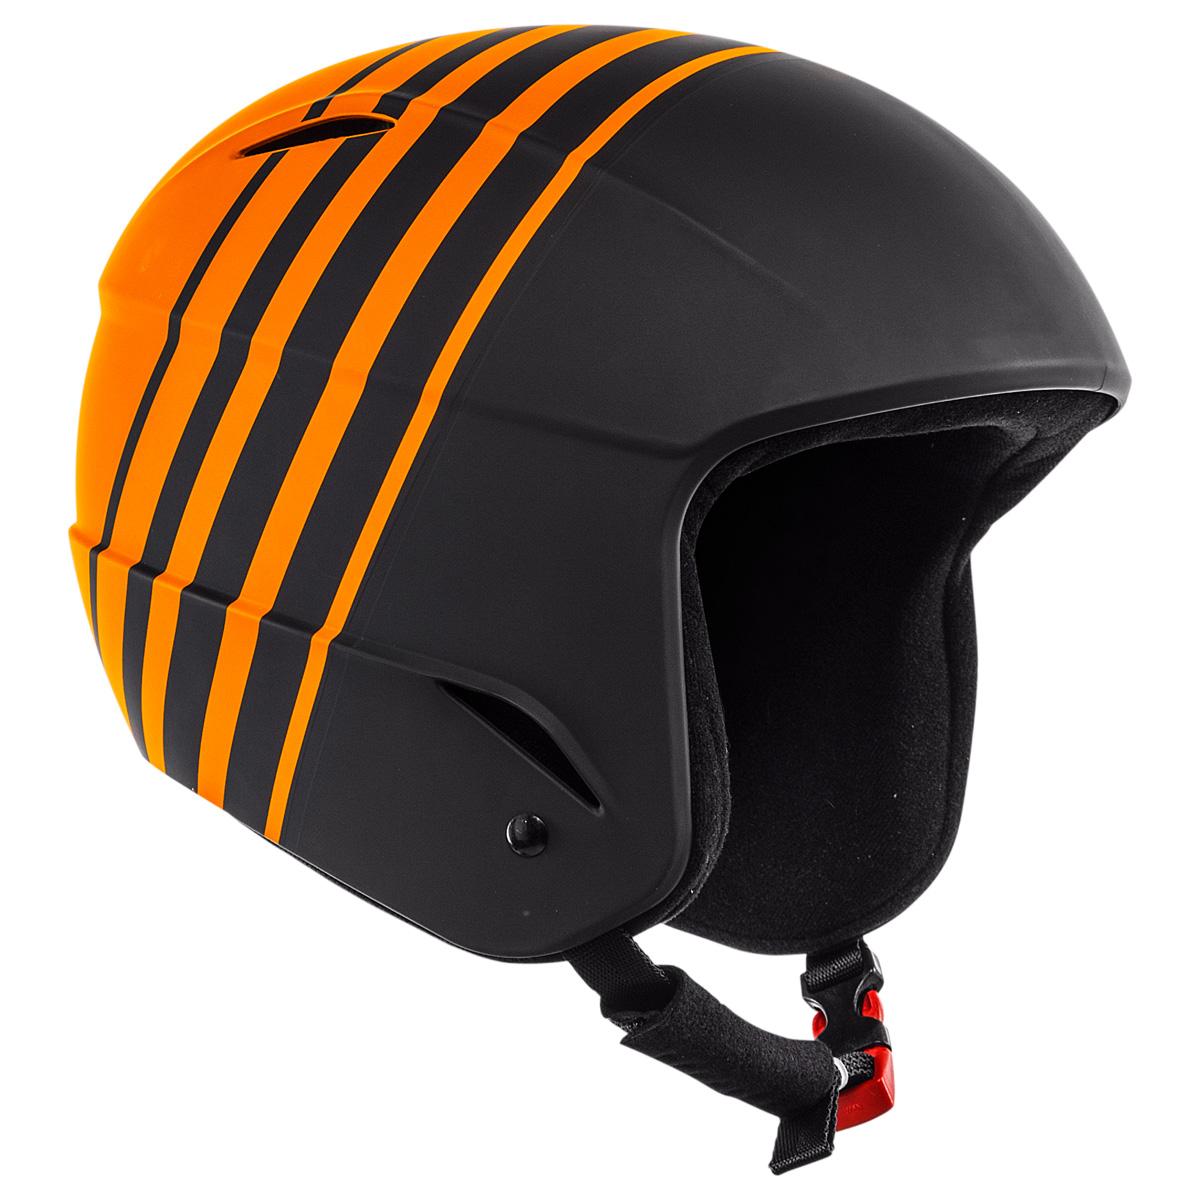 Casco sci Dainese D-Race (Colore: nero-arancio, Taglia: S/M)